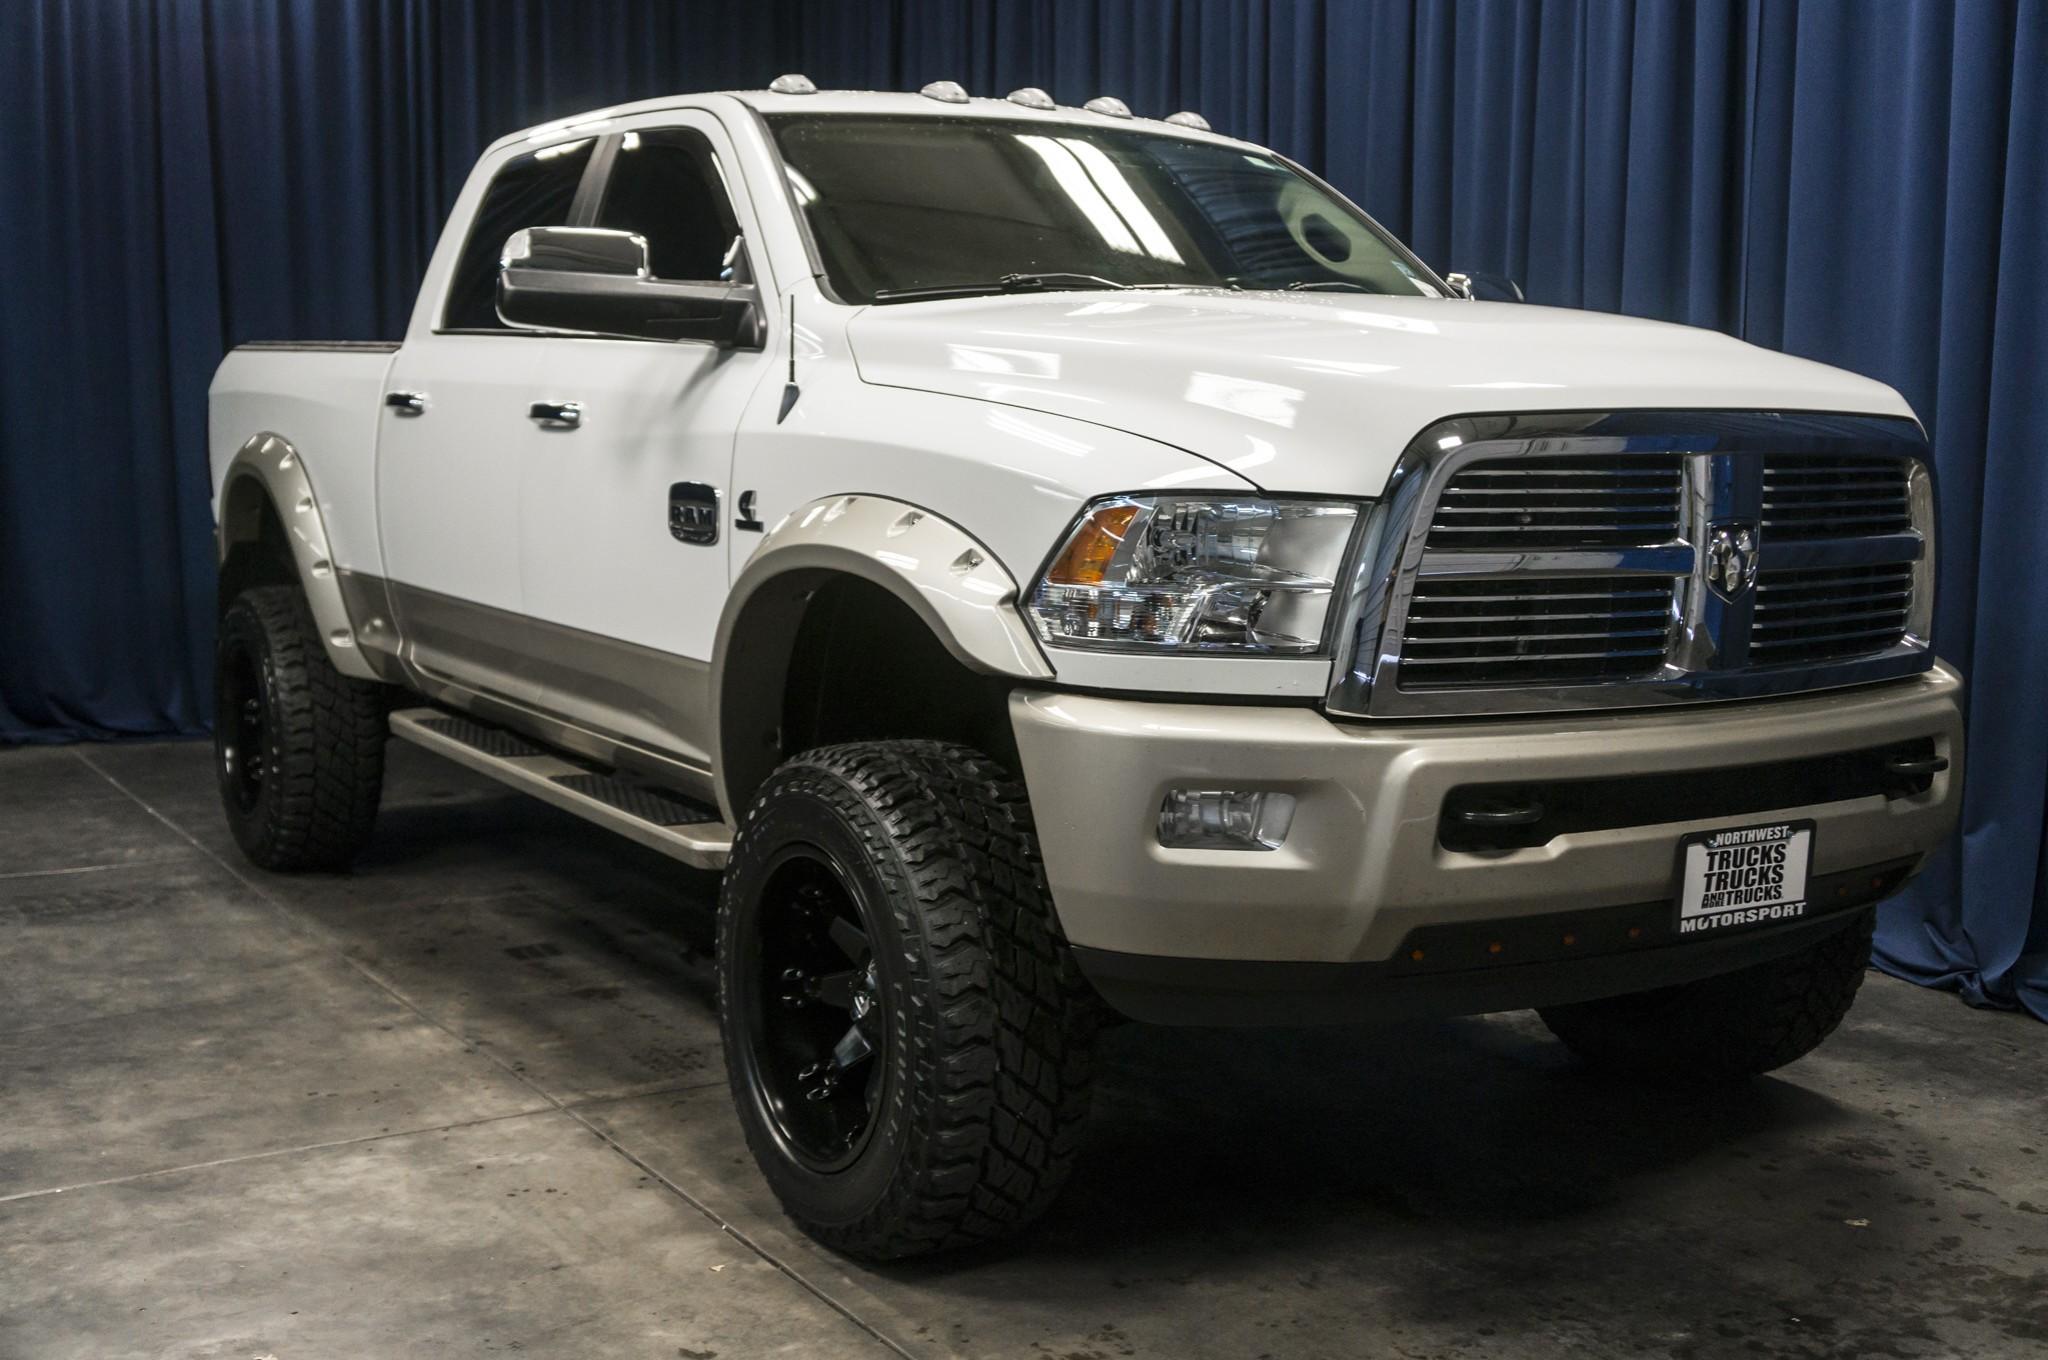 used lifted 2012 dodge ram 3500 longhorn 4x4 diesel truck for sale 36933. Black Bedroom Furniture Sets. Home Design Ideas